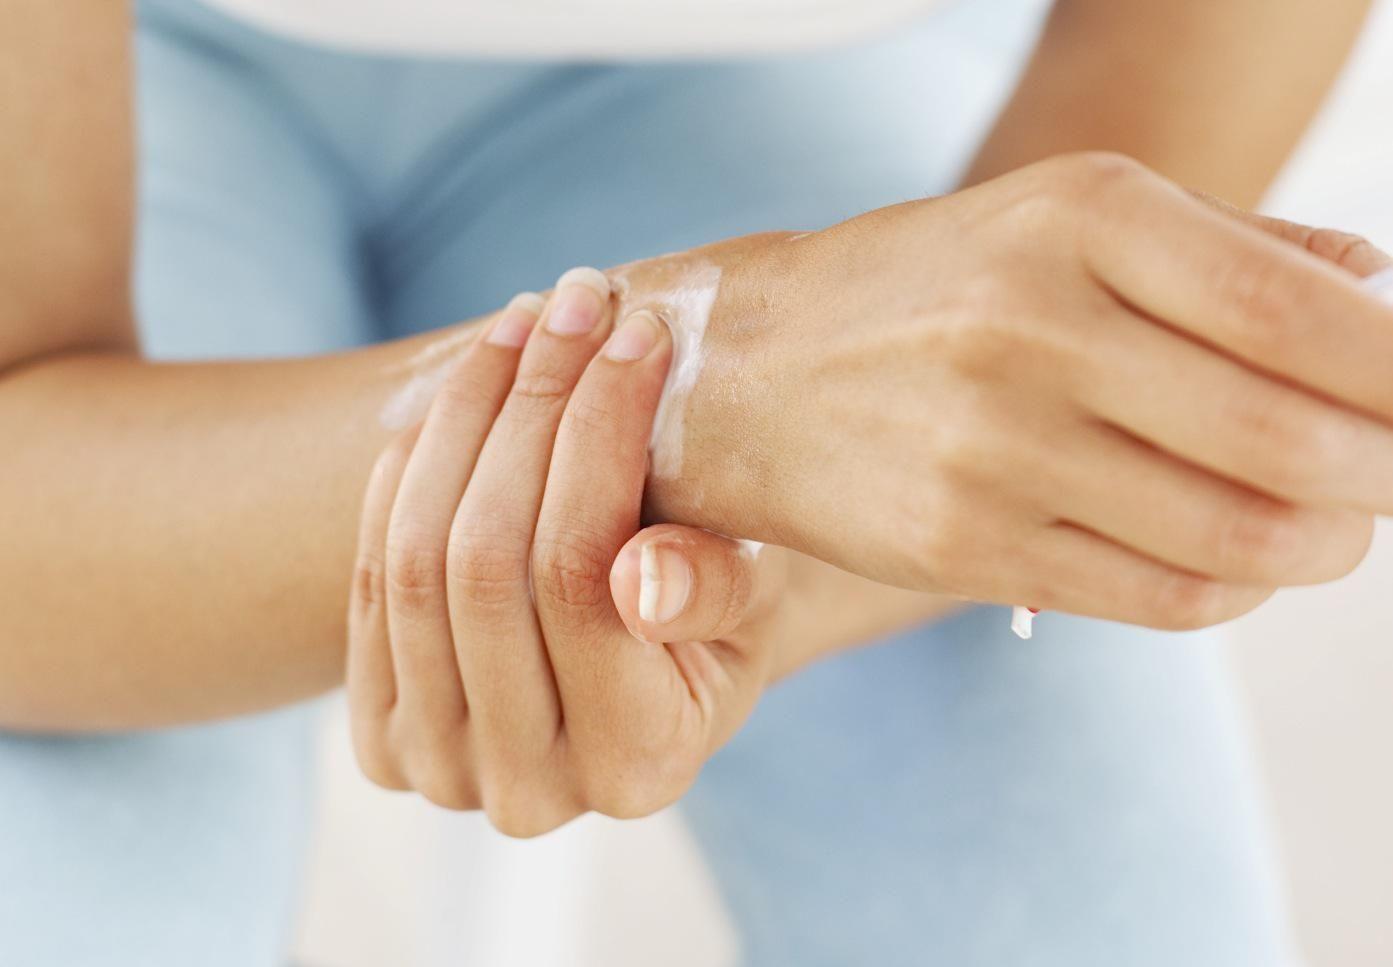 Csukló fájdalom megelőzése/rehabilitációja